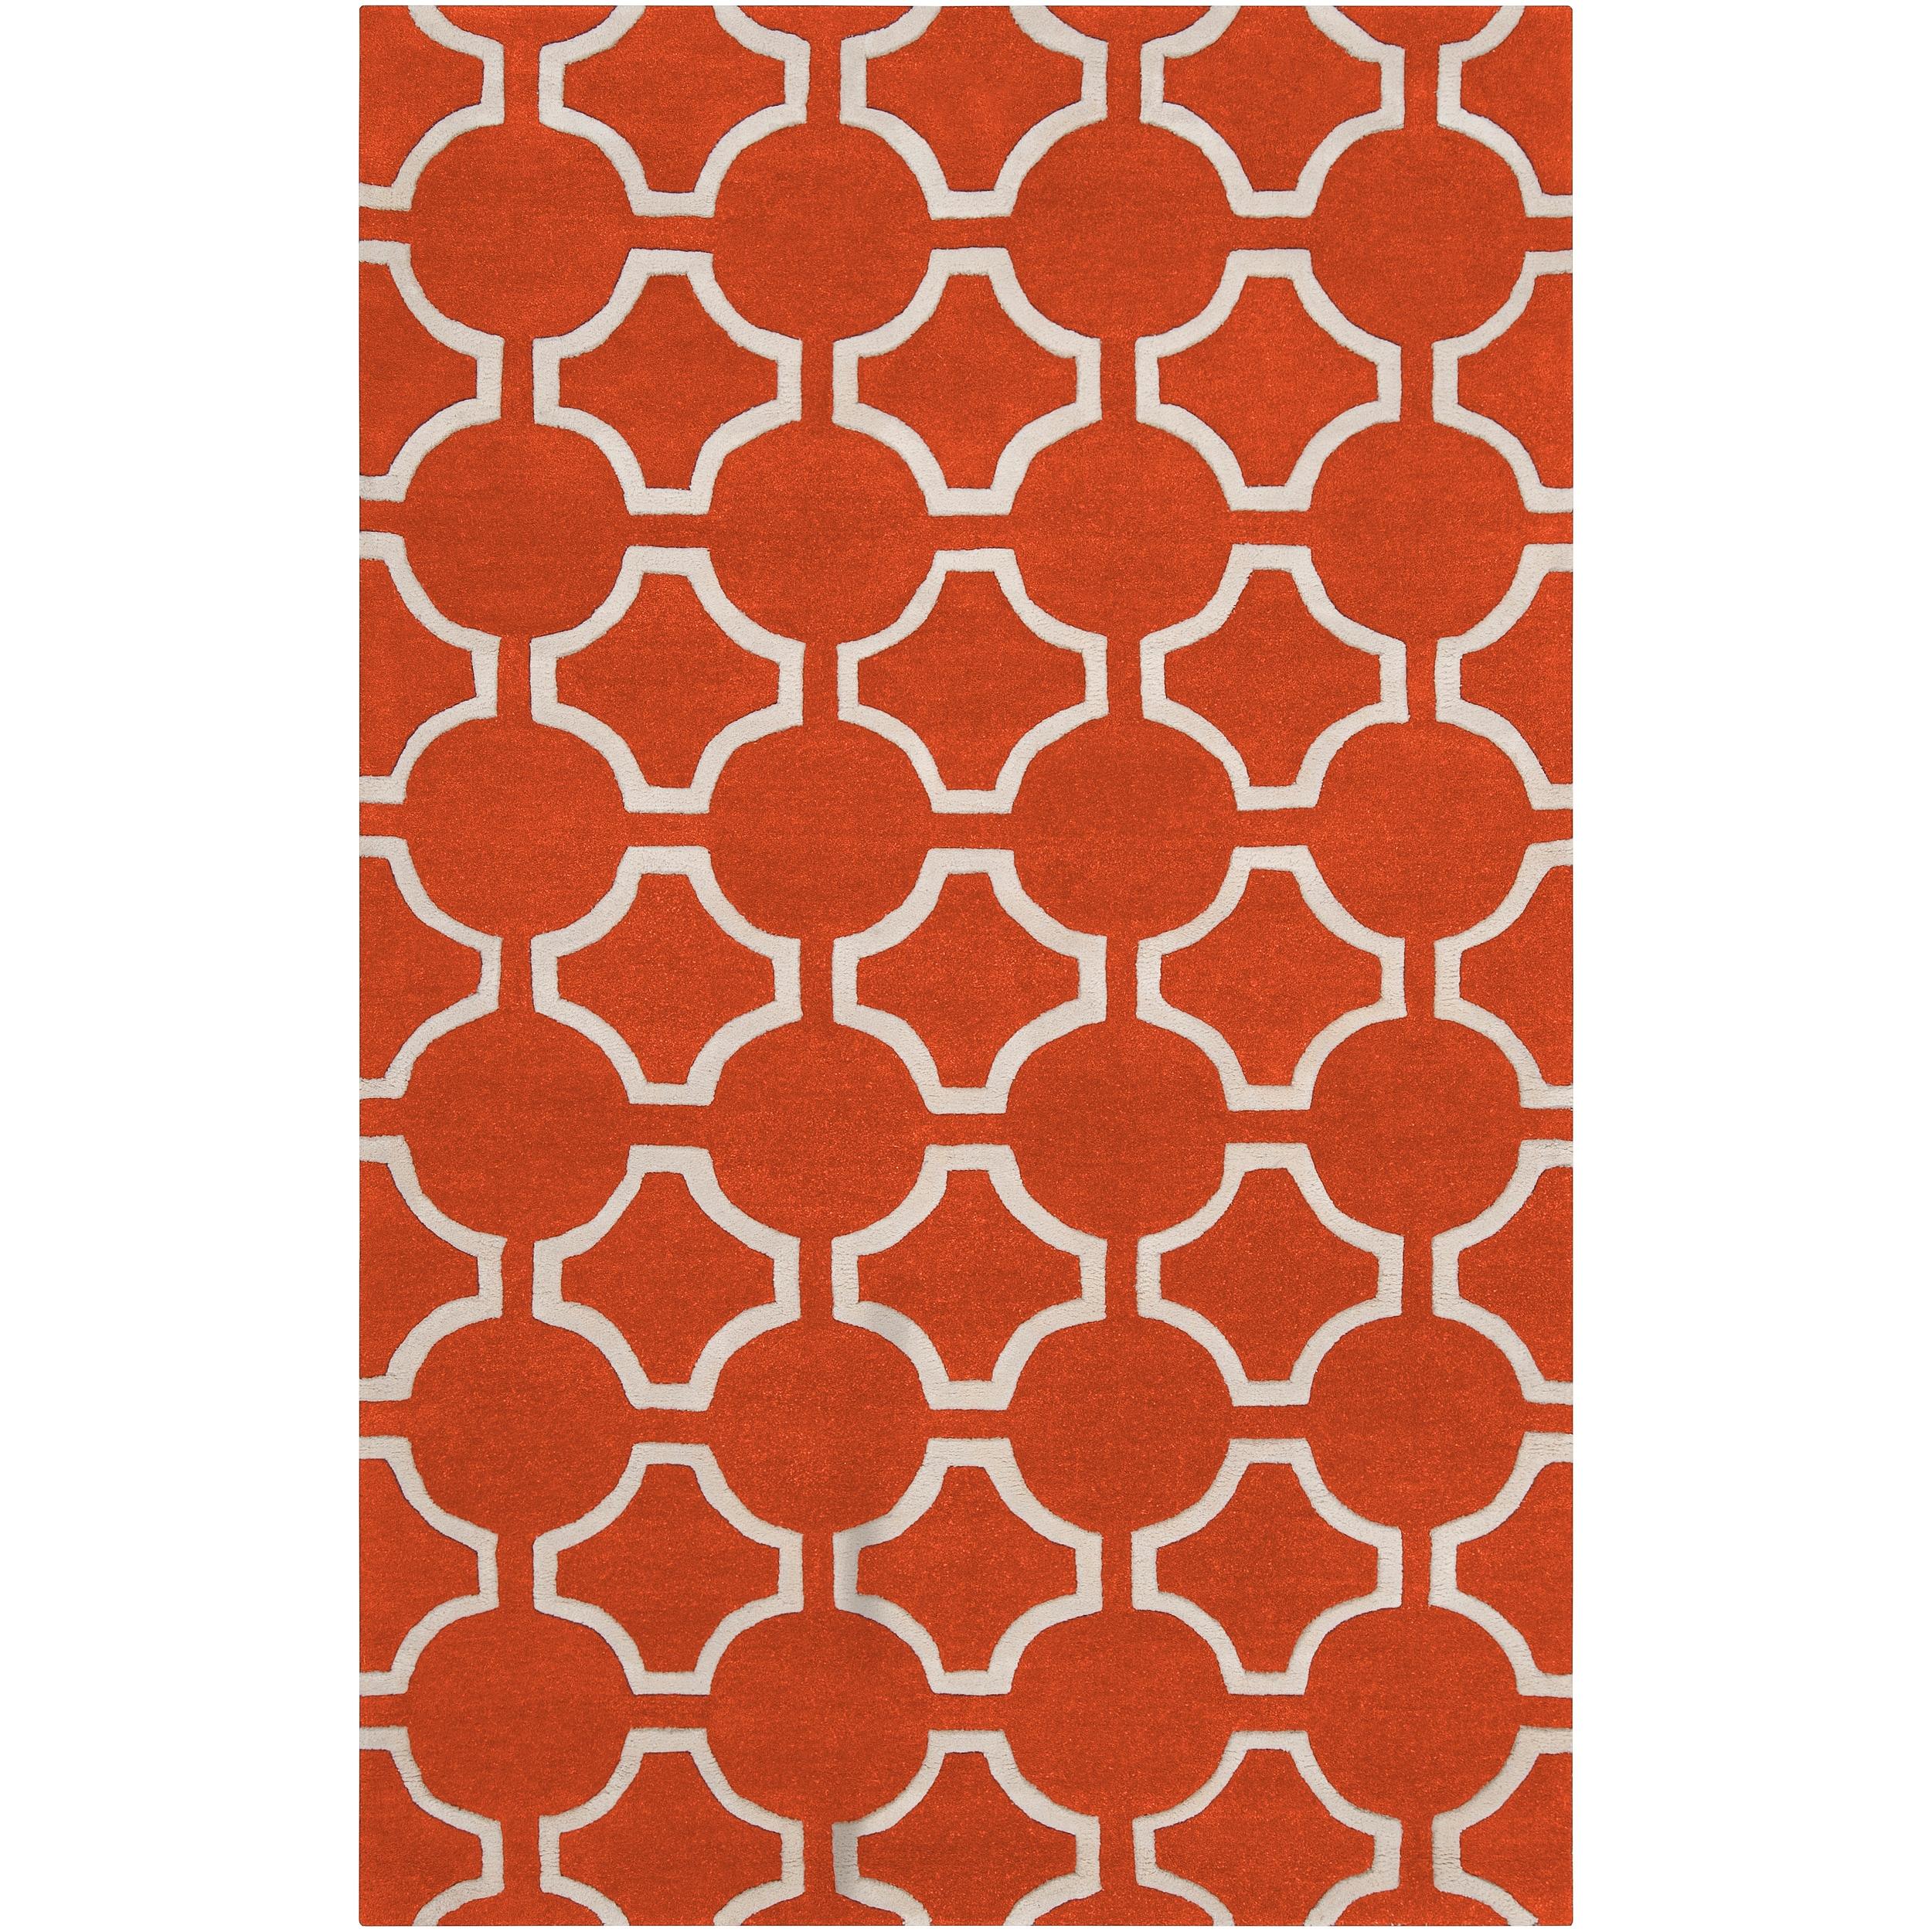 Hand-tufted Petersburg Geometric Trellis Wool Area Rug (5' x 8')